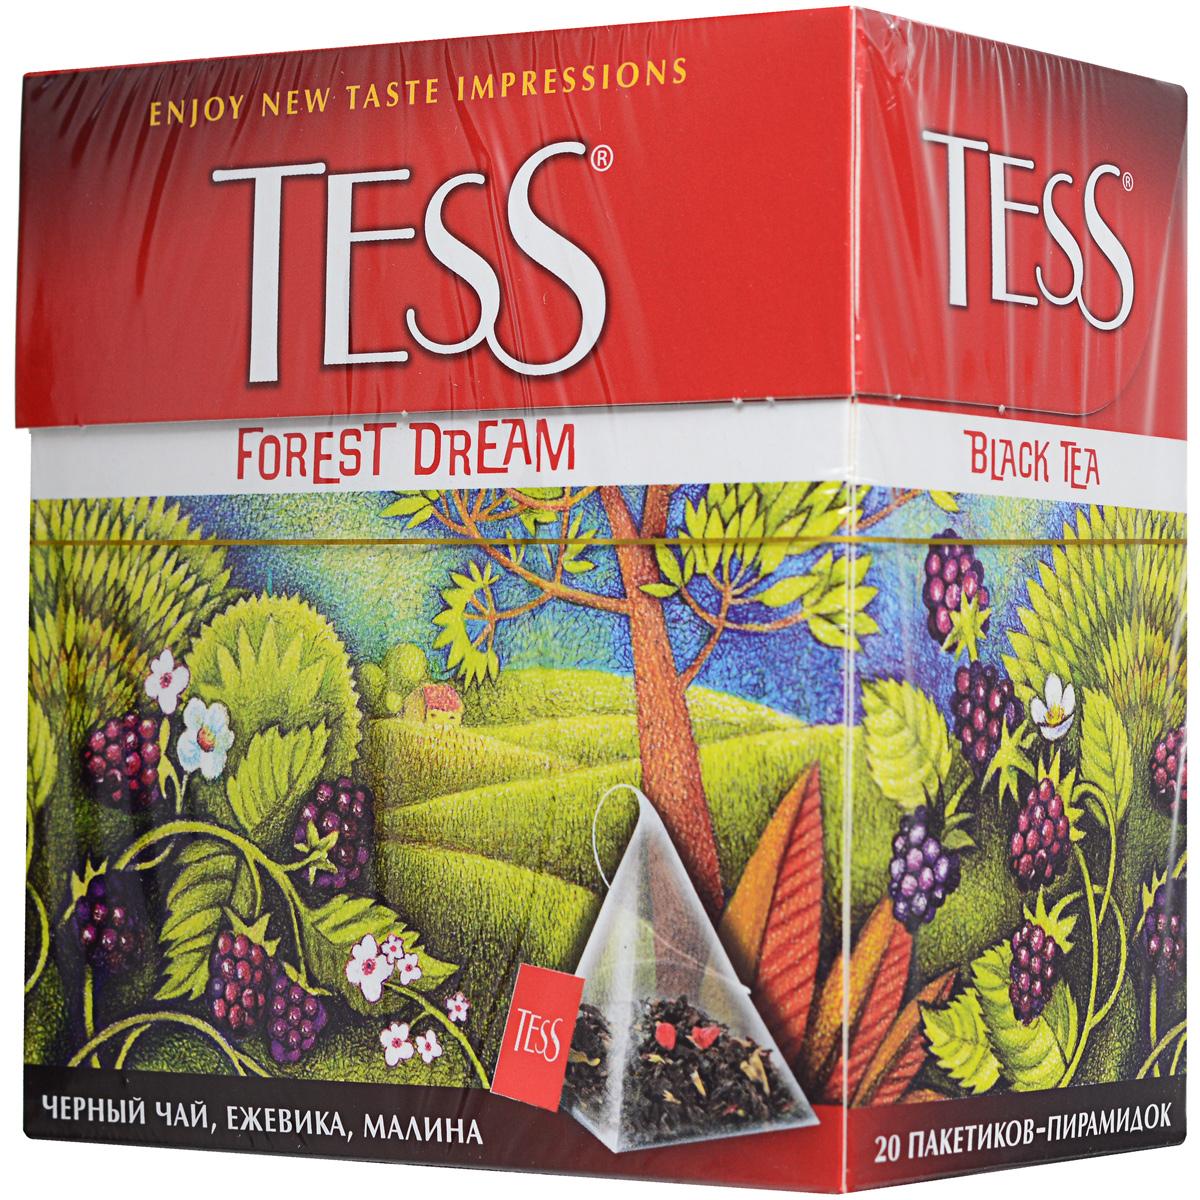 Tess Forest Dream ароматизированный чай в пакетиках, 20 шт0784-12Чудесная композиция благородного цейлонского чая с кусочками ежевики и лесной малины открывает новый великолепный вкус, в котором слышится благоухание лесной опушки, согретой июльским солнцем. Уважаемые клиенты! Обращаем ваше внимание на возможные изменения в дизайне упаковки. Поставка осуществляется в одном из двух приведенных вариантов упаковок в зависимости от наличия на складе.